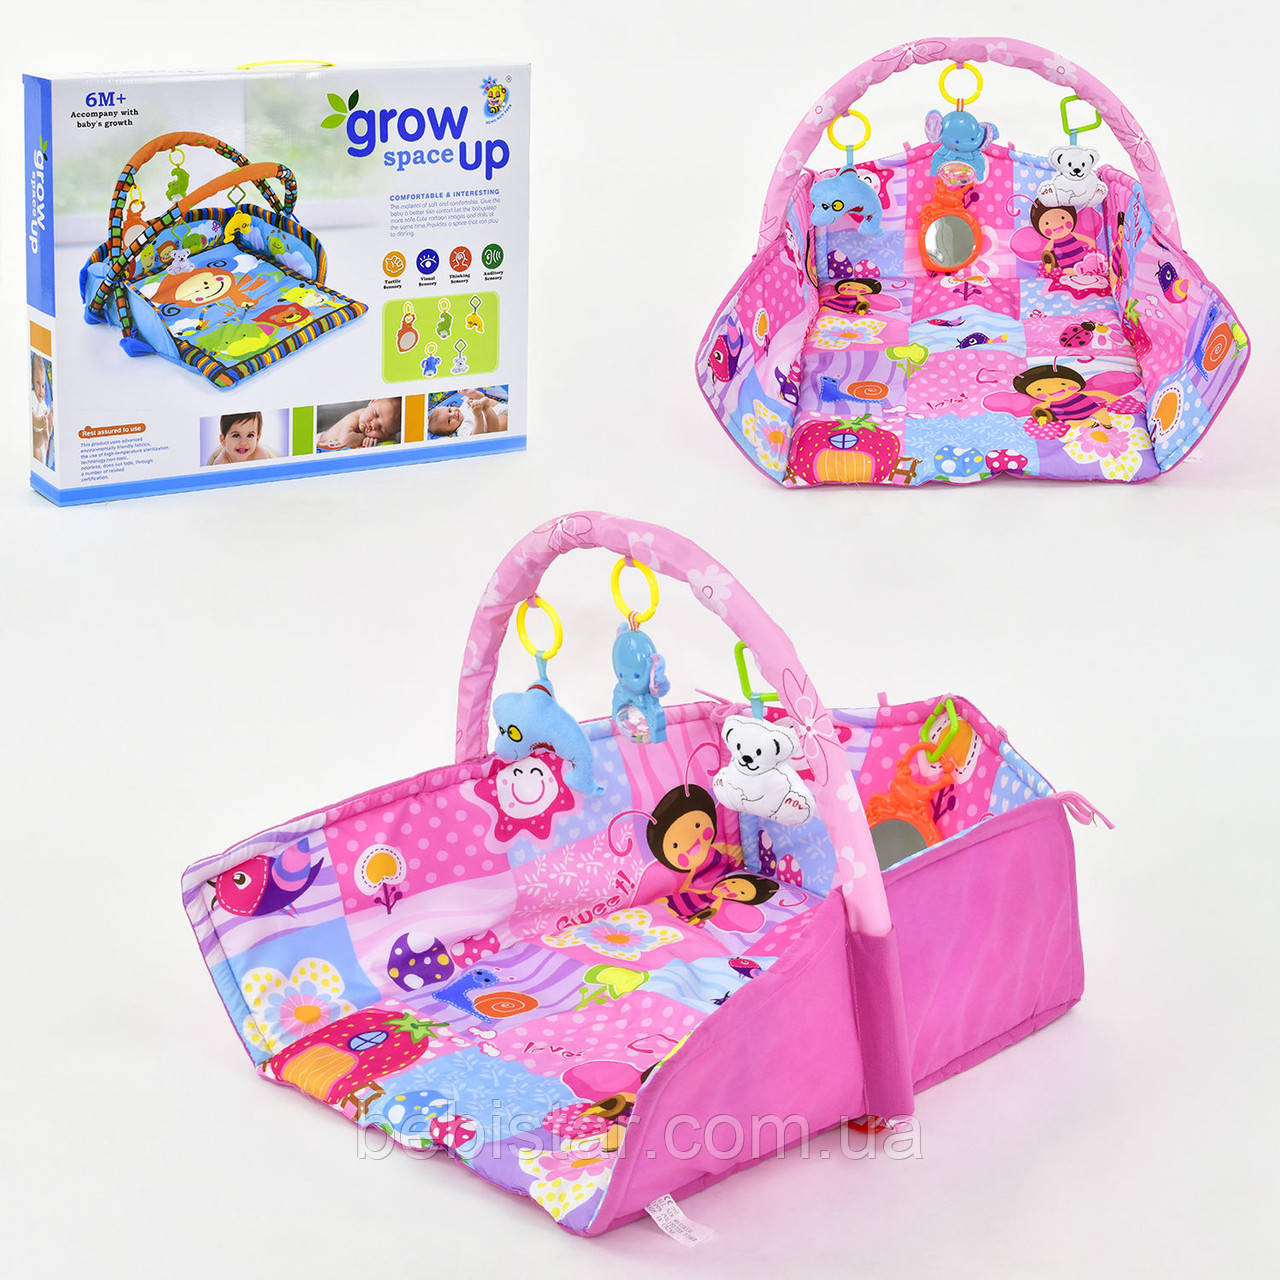 Коврик игровой розовый с мягкой дугой с подвесными игрушками